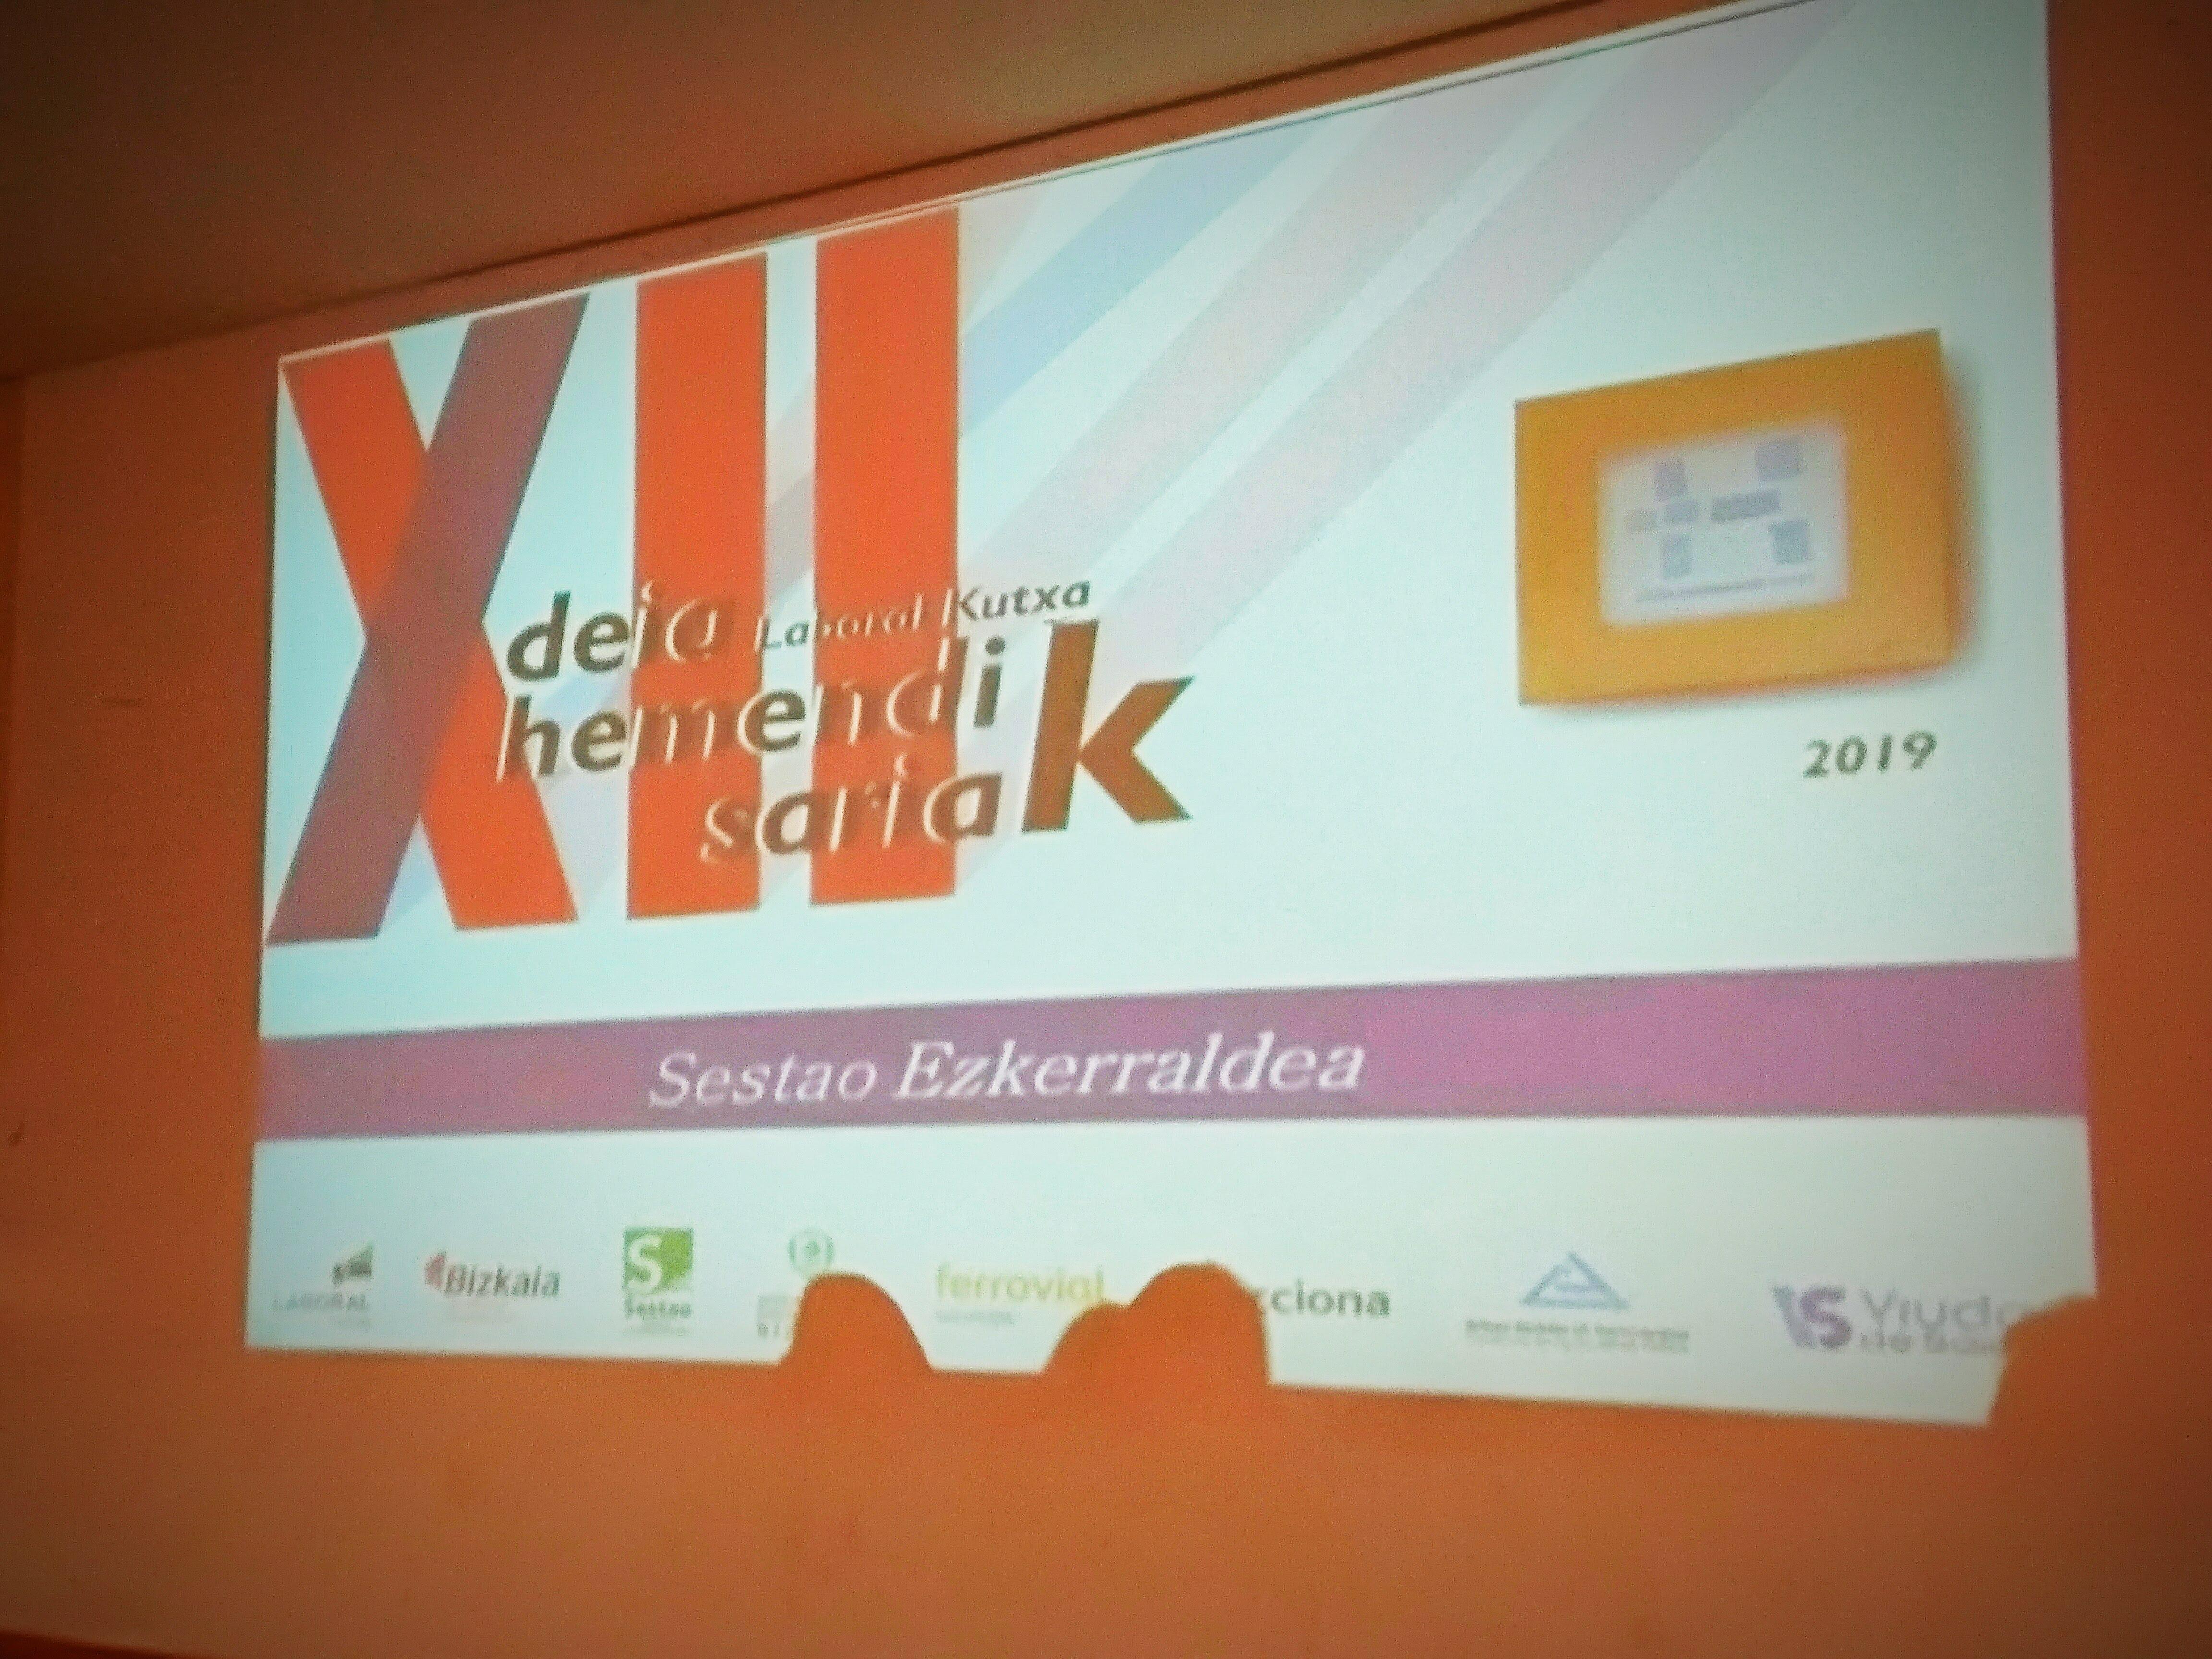 DEIA Hemendik Sarial Ezkerraldea 2019, Sestaon